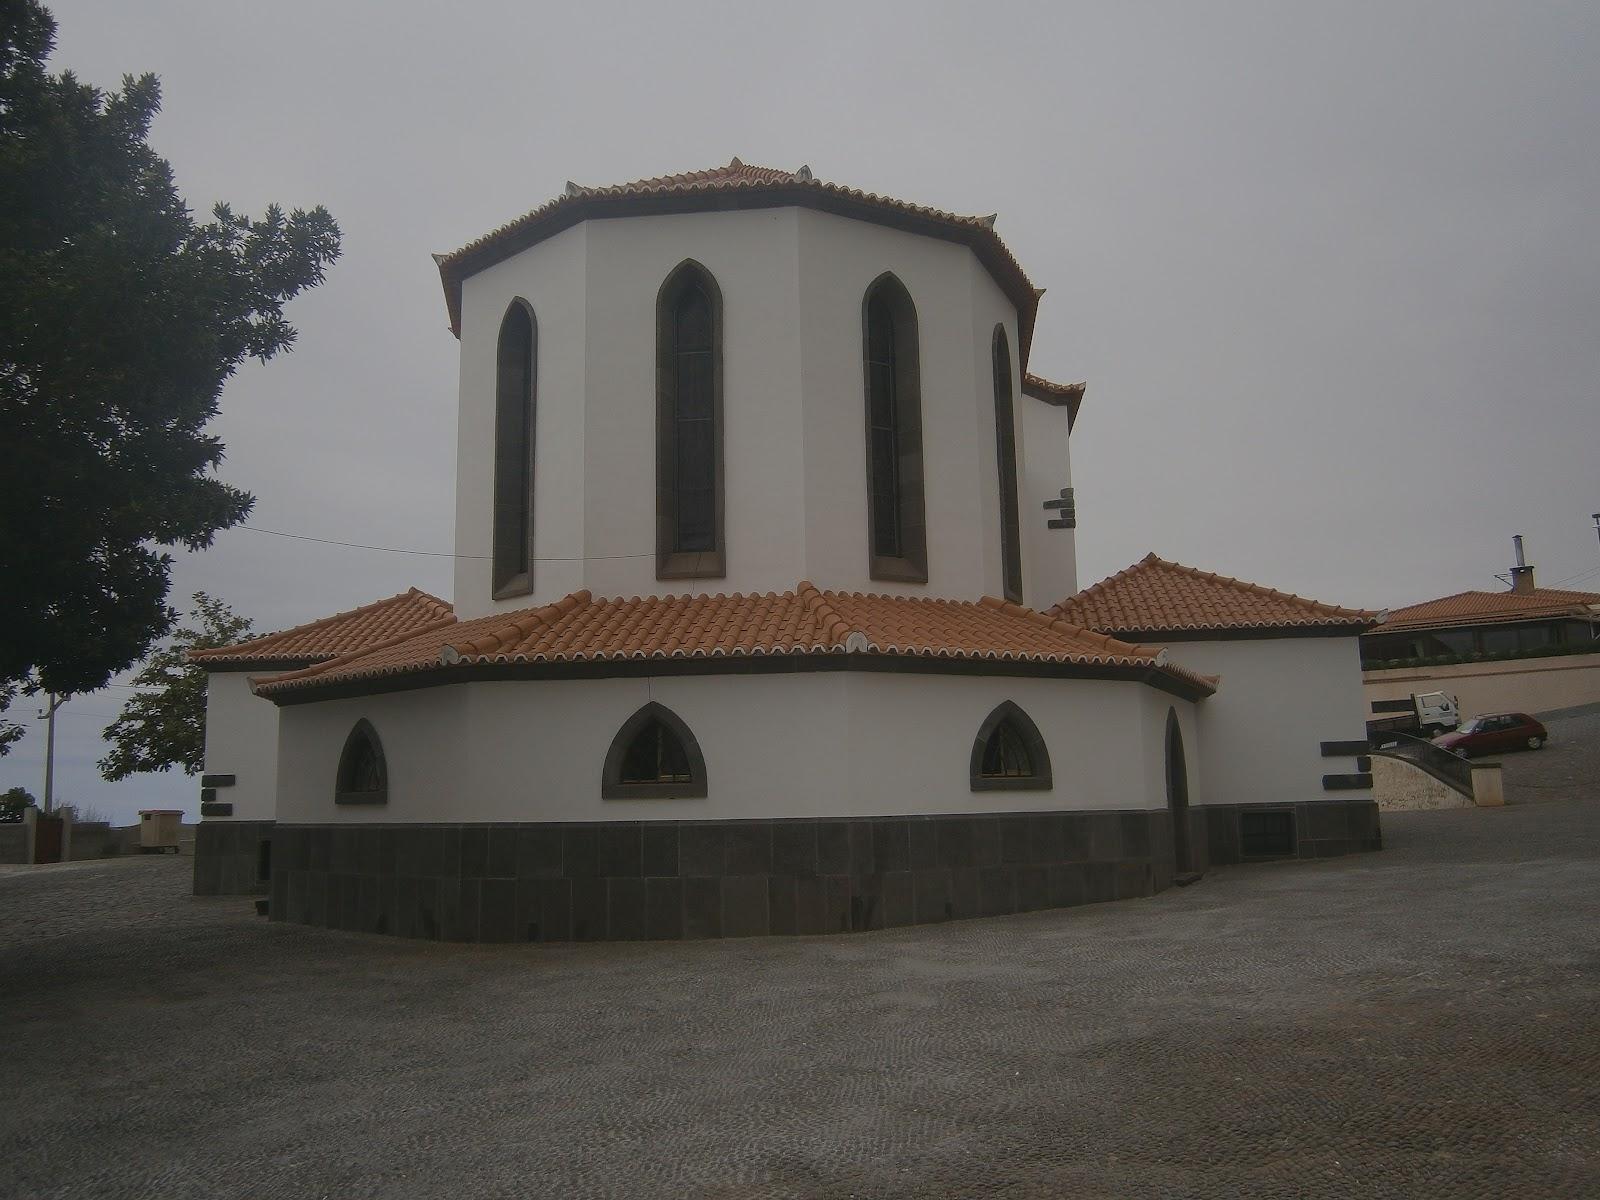 fotográfico: IGREJA PAROQUIAL DE SÃO GONÇALO FUNCHAL (Madeira) #5E4D40 1600x1200